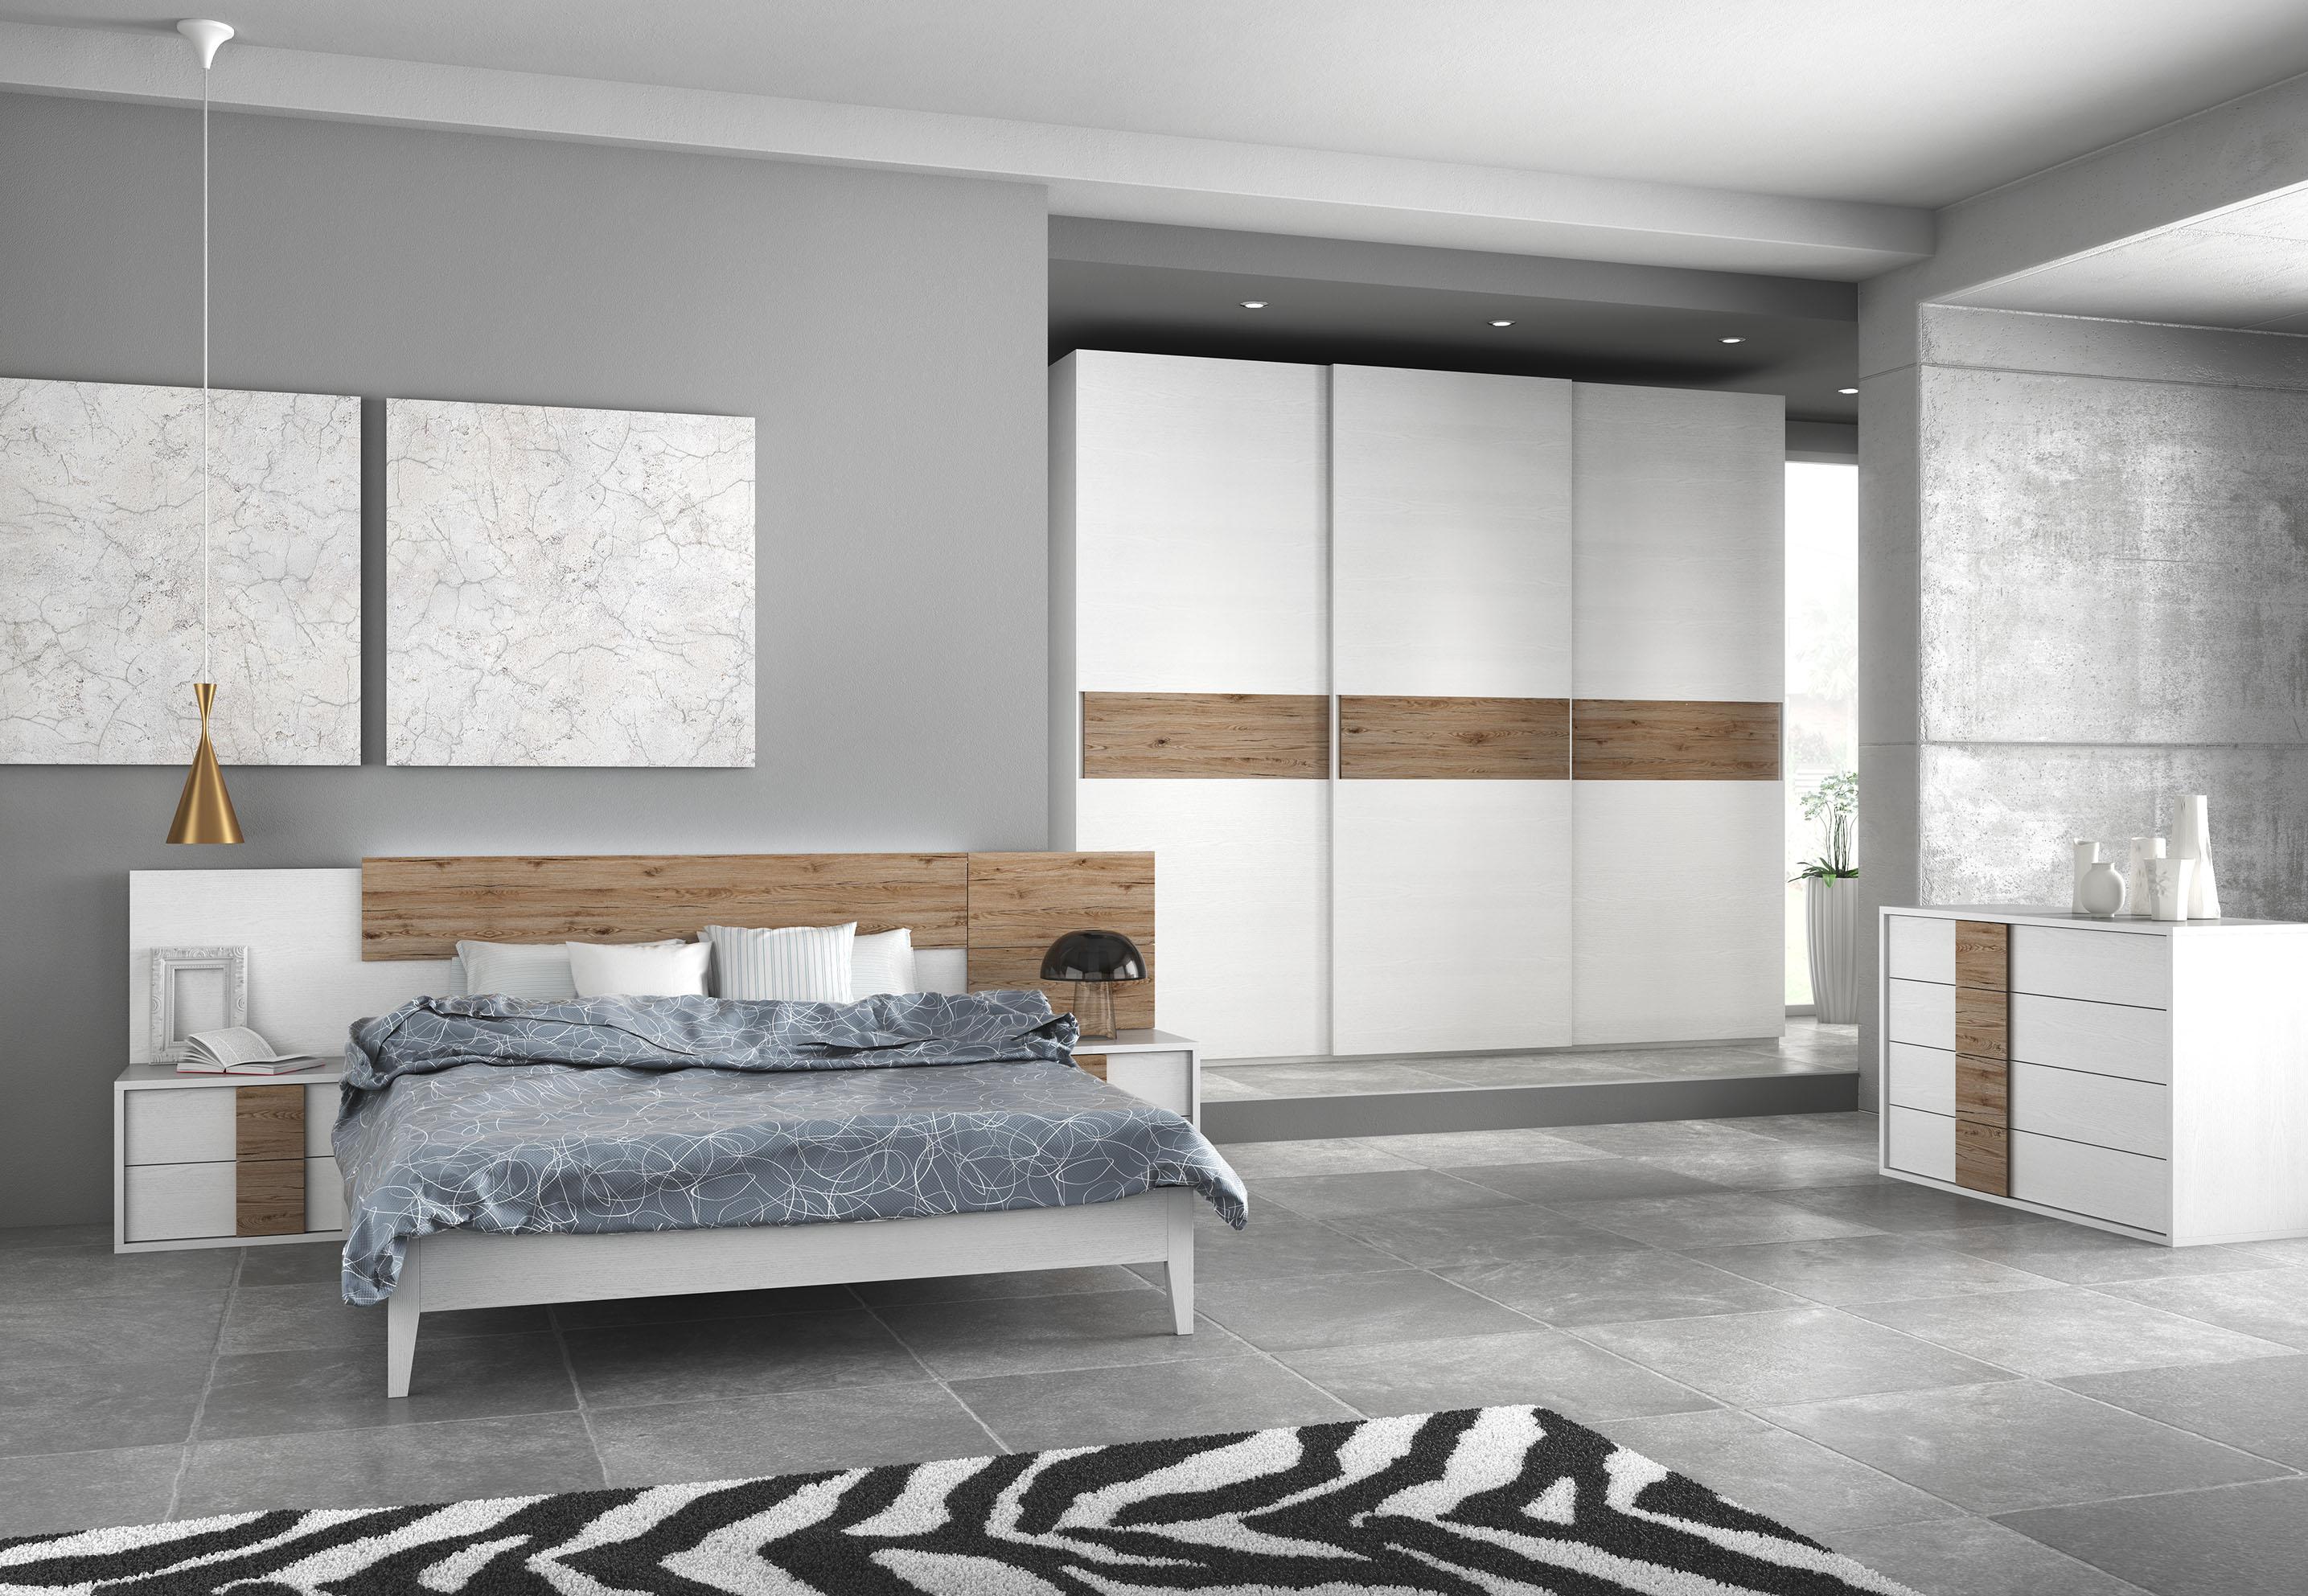 Gmk arredamenti srl camere e complementi di arredo ascom pesaro - Mobili camera da letto usati ...